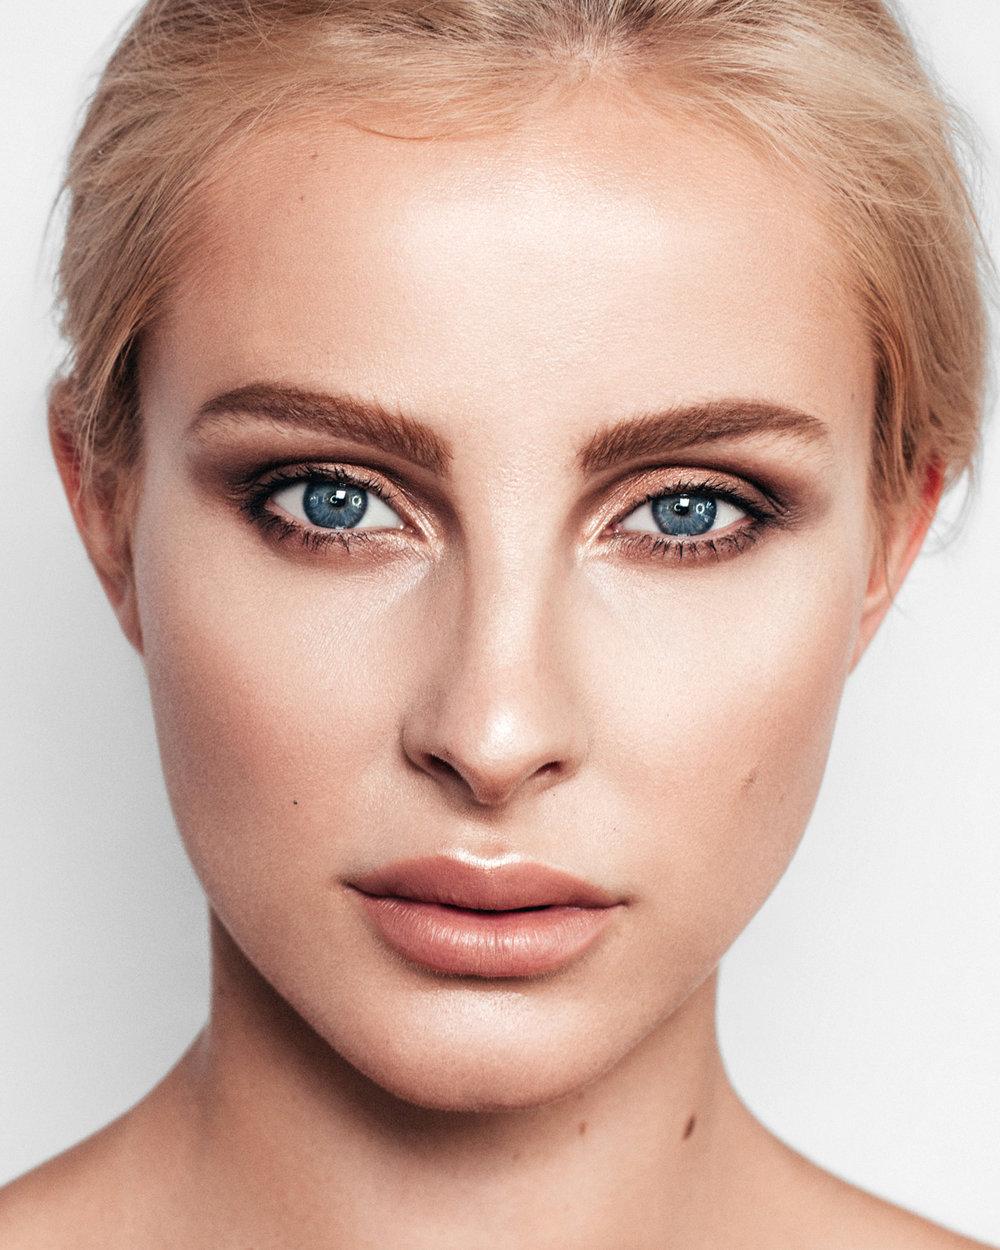 paulina-pecak-OMA-makeup-artist-educator_07_2.jpg